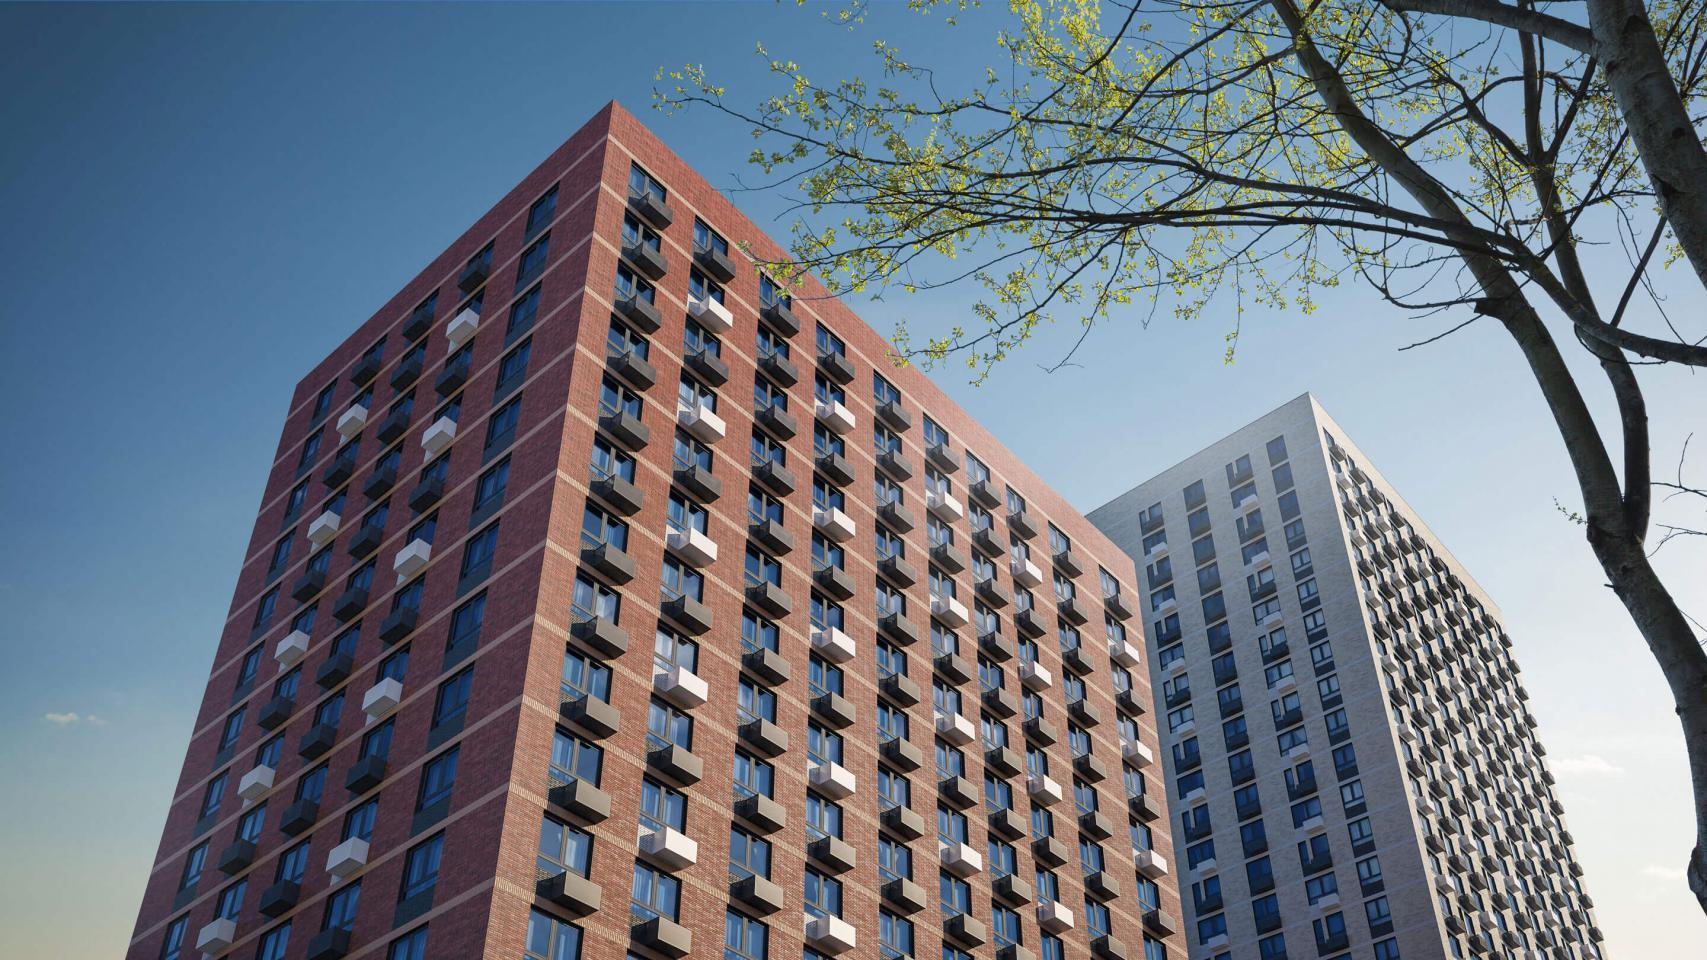 В жилом комплексе «Мичуринский парк» появится два новых корпуса